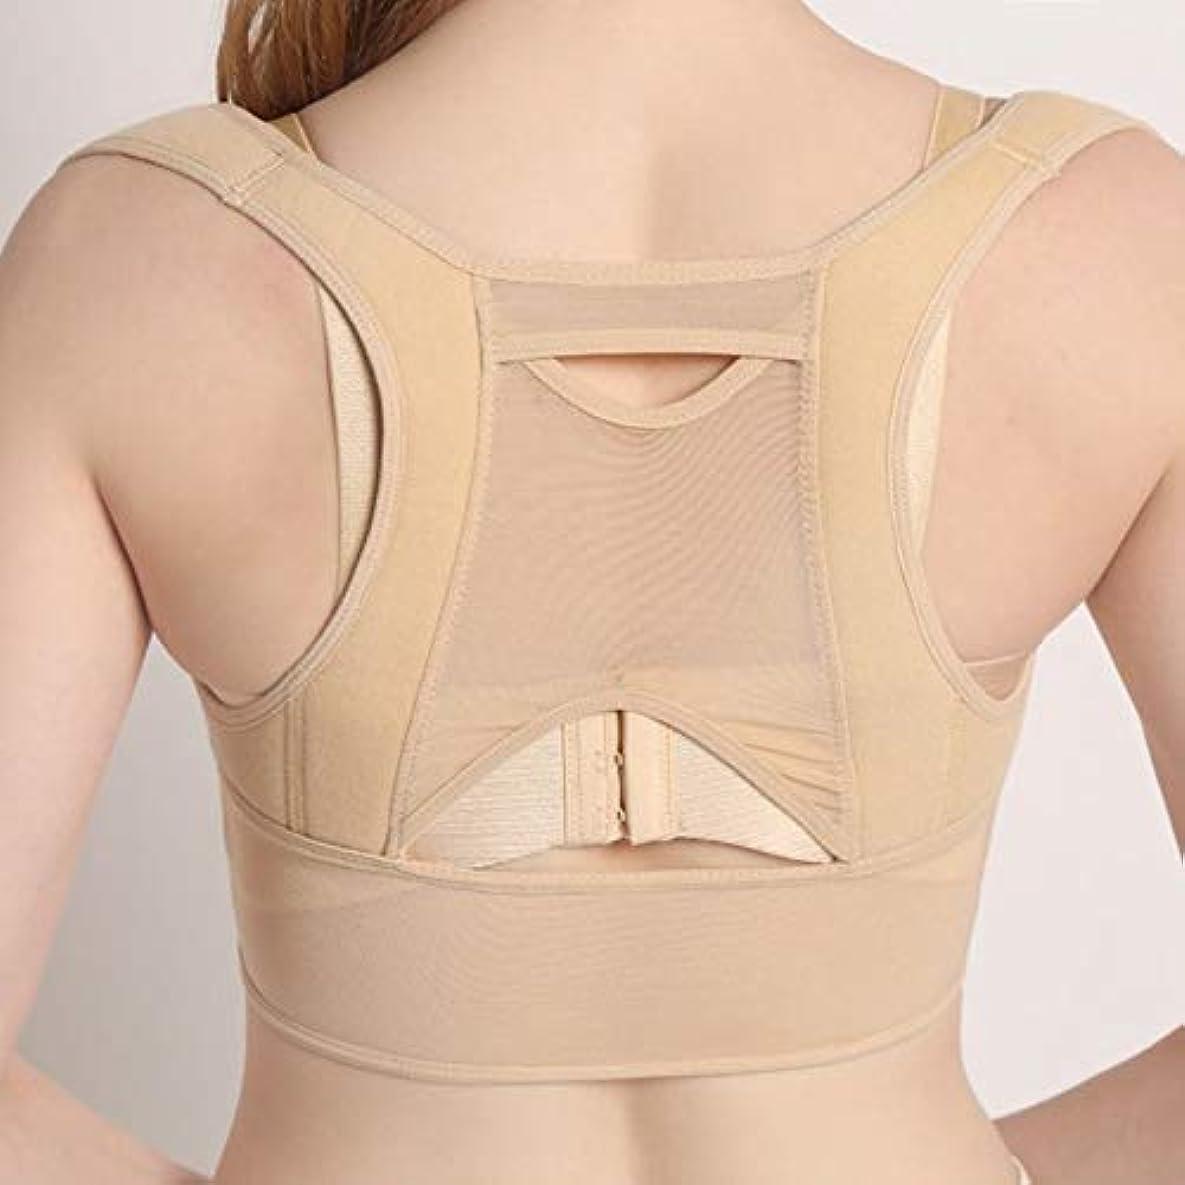 財政アジャ穴女性の背部姿勢補正コルセット整形外科の上部背部肩背骨姿勢補正器腰椎サポート-ベージュホワイトM